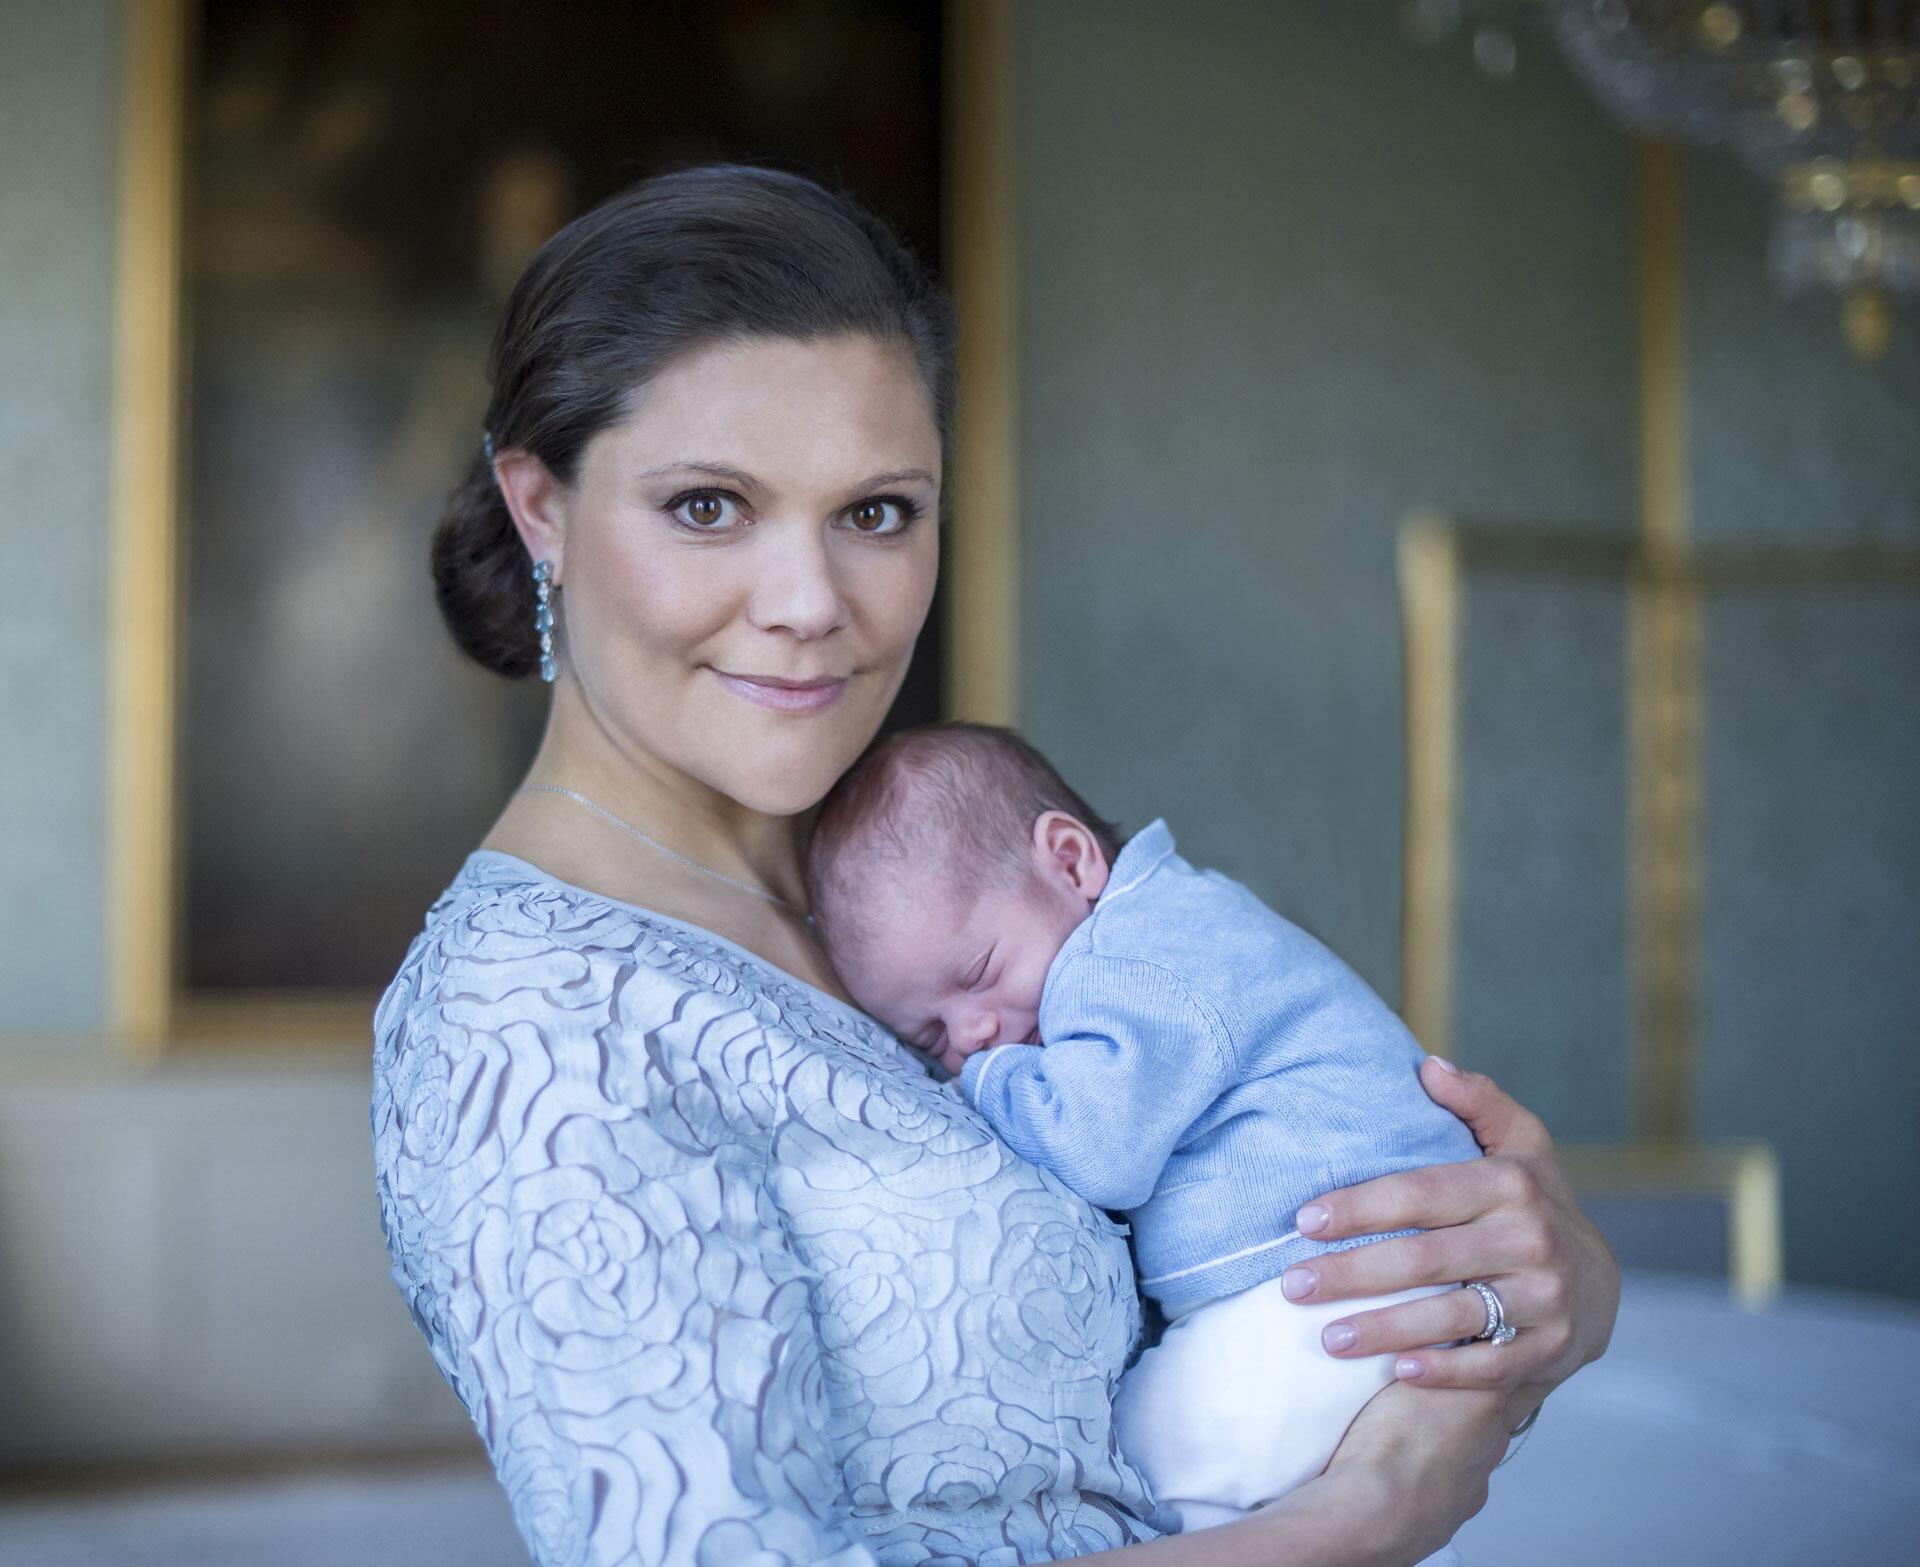 Bild zu schweden victoria oskar